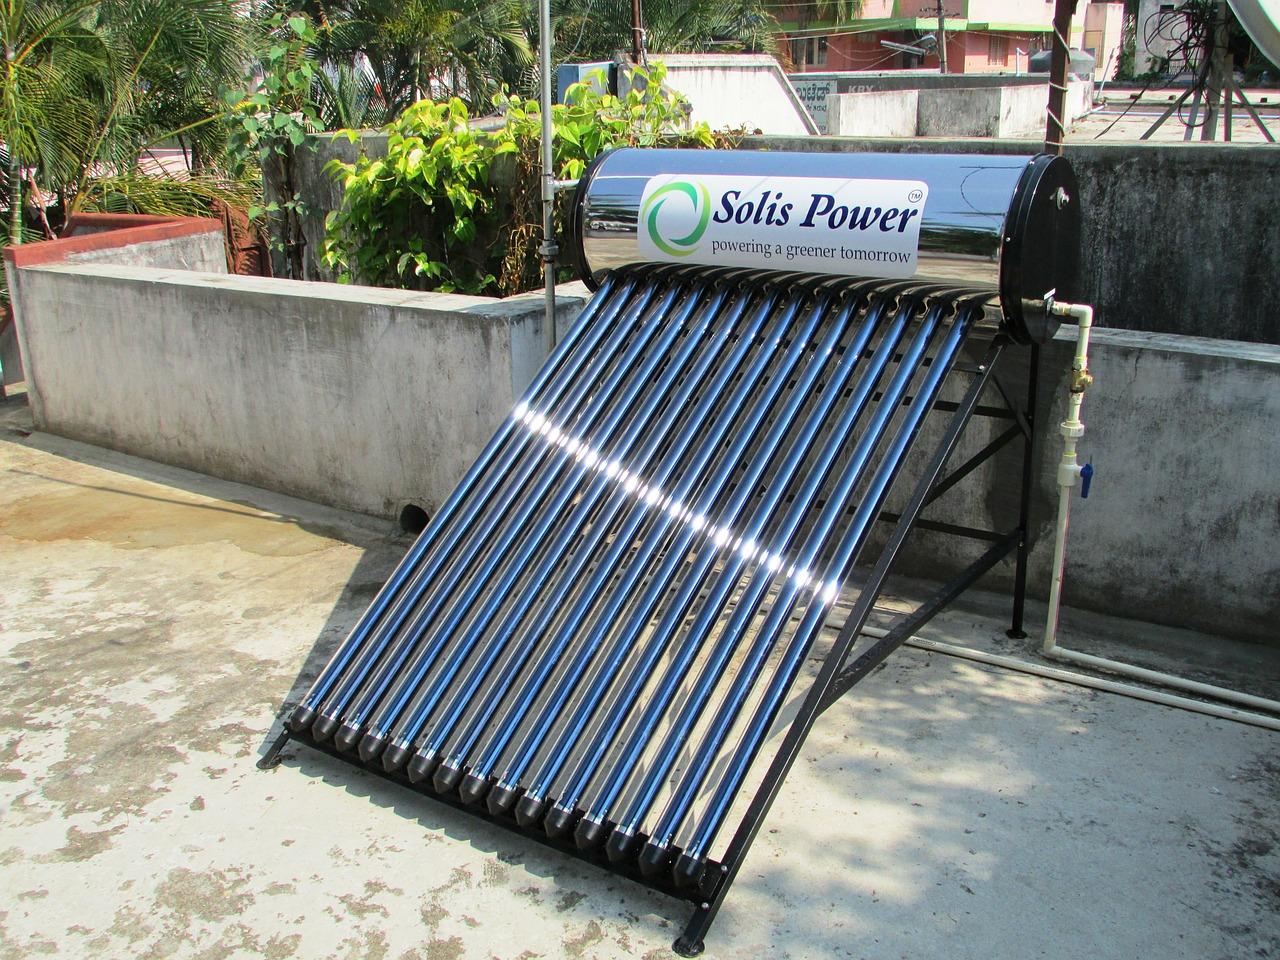 太陽熱温水器をDIYで設置する!その1〜太陽熱温水器ってどんなもの?〜